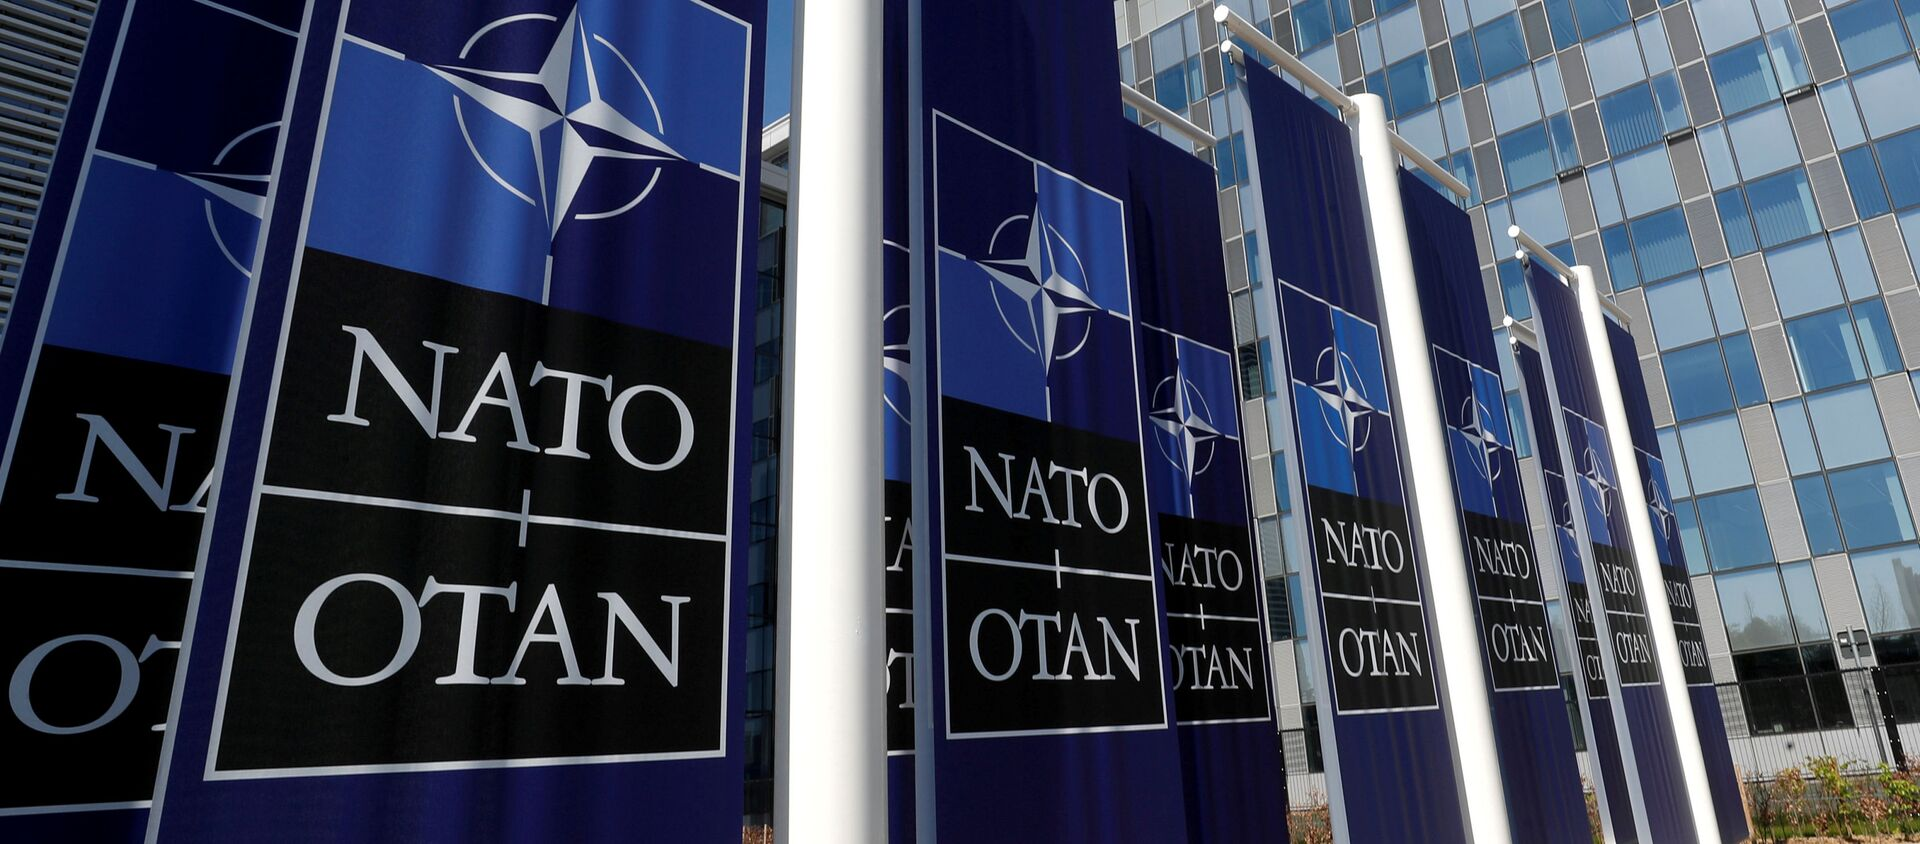 La sede de la OTAN en Bruselas - Sputnik Mundo, 1920, 15.01.2021